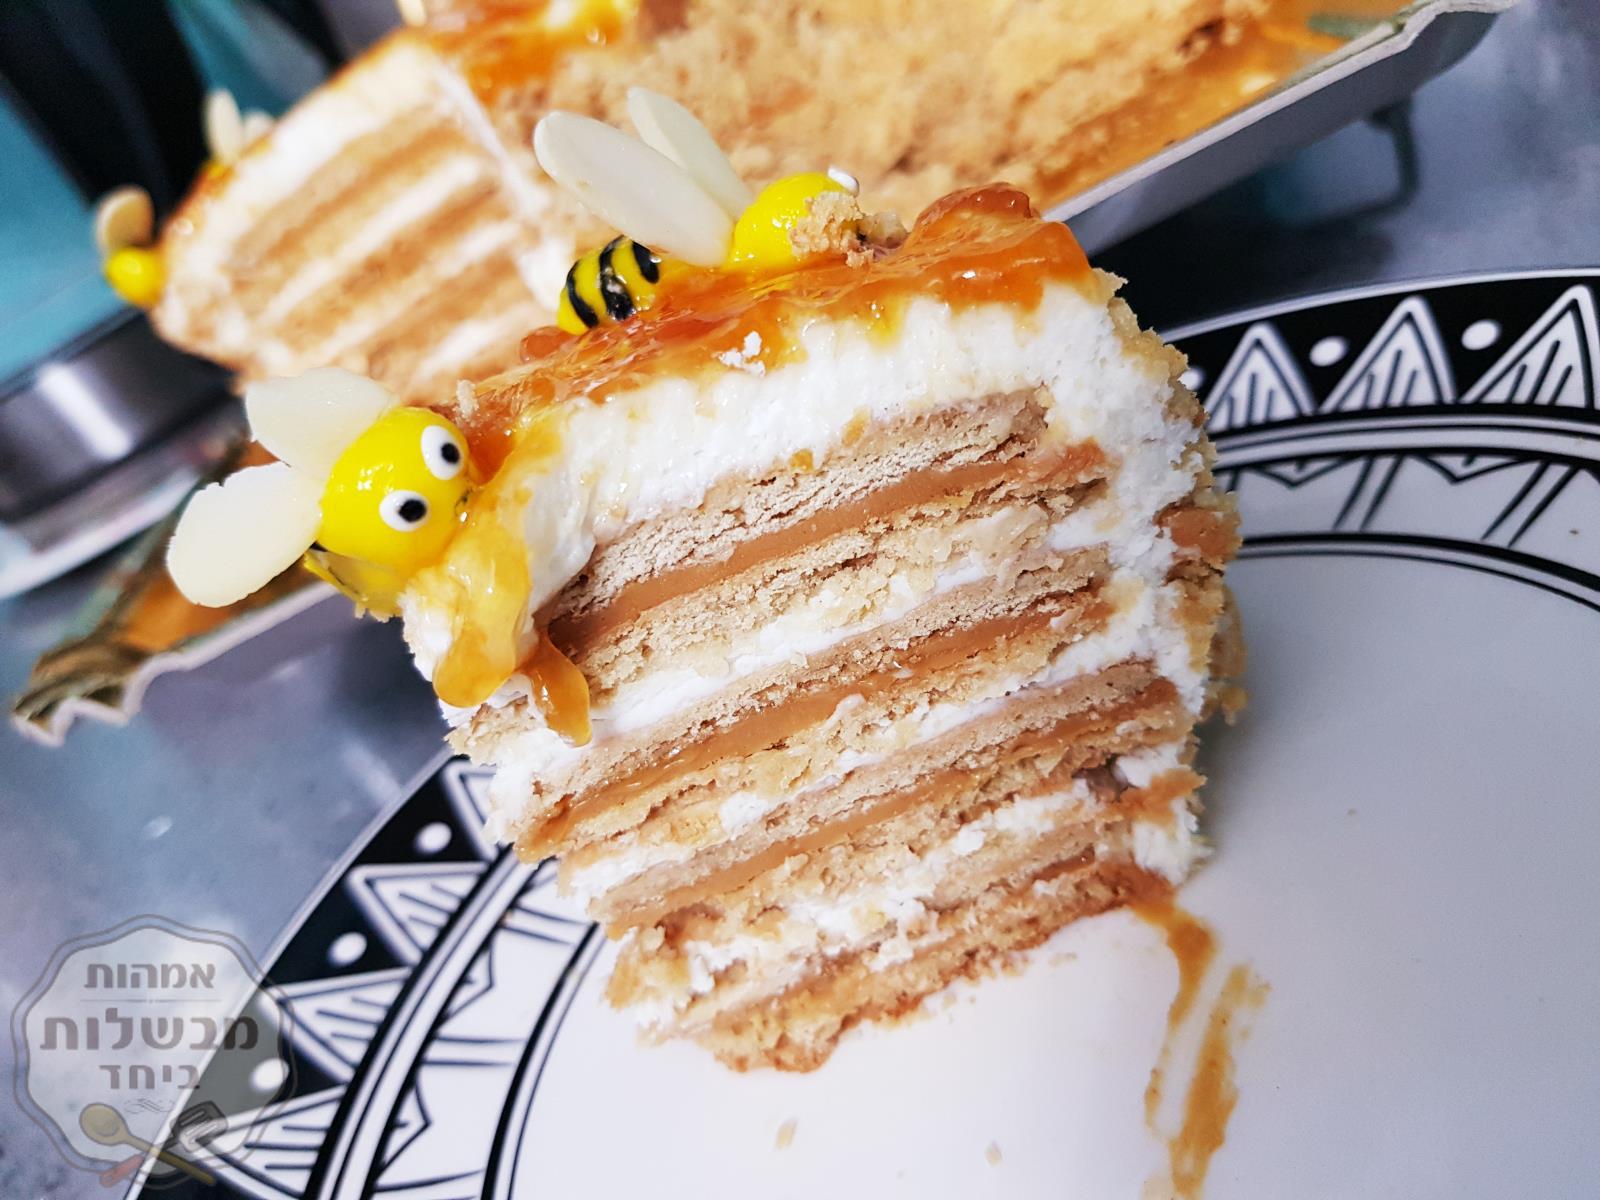 עוגת דבש שכבות עם ממרח בטונים ומסקרפונה